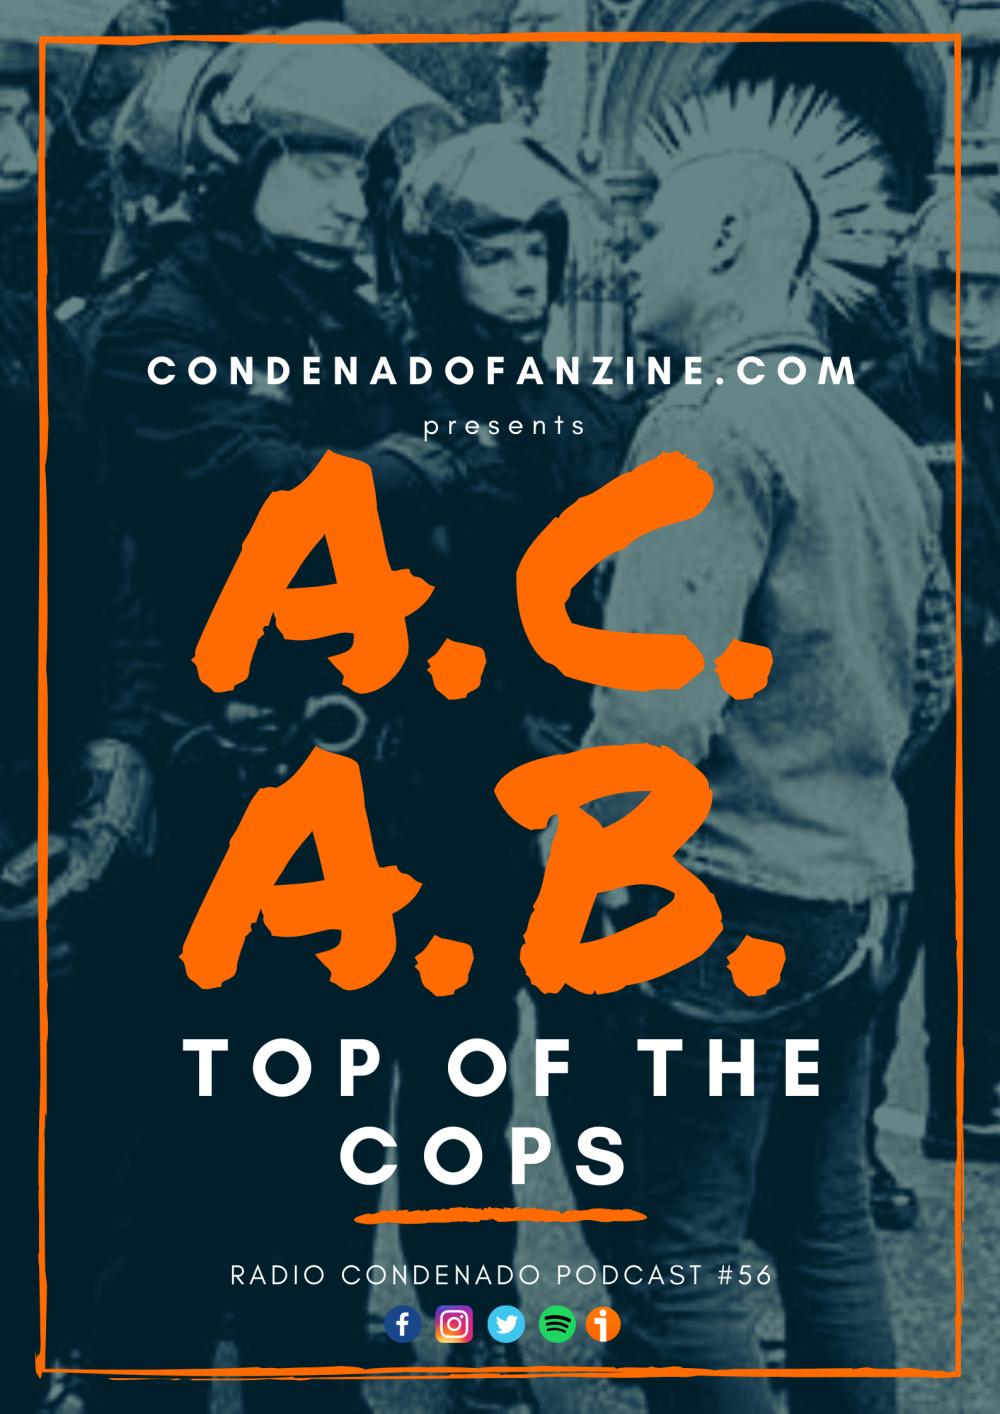 Cartel de Radio Condenado #56 | Top Of The Cops